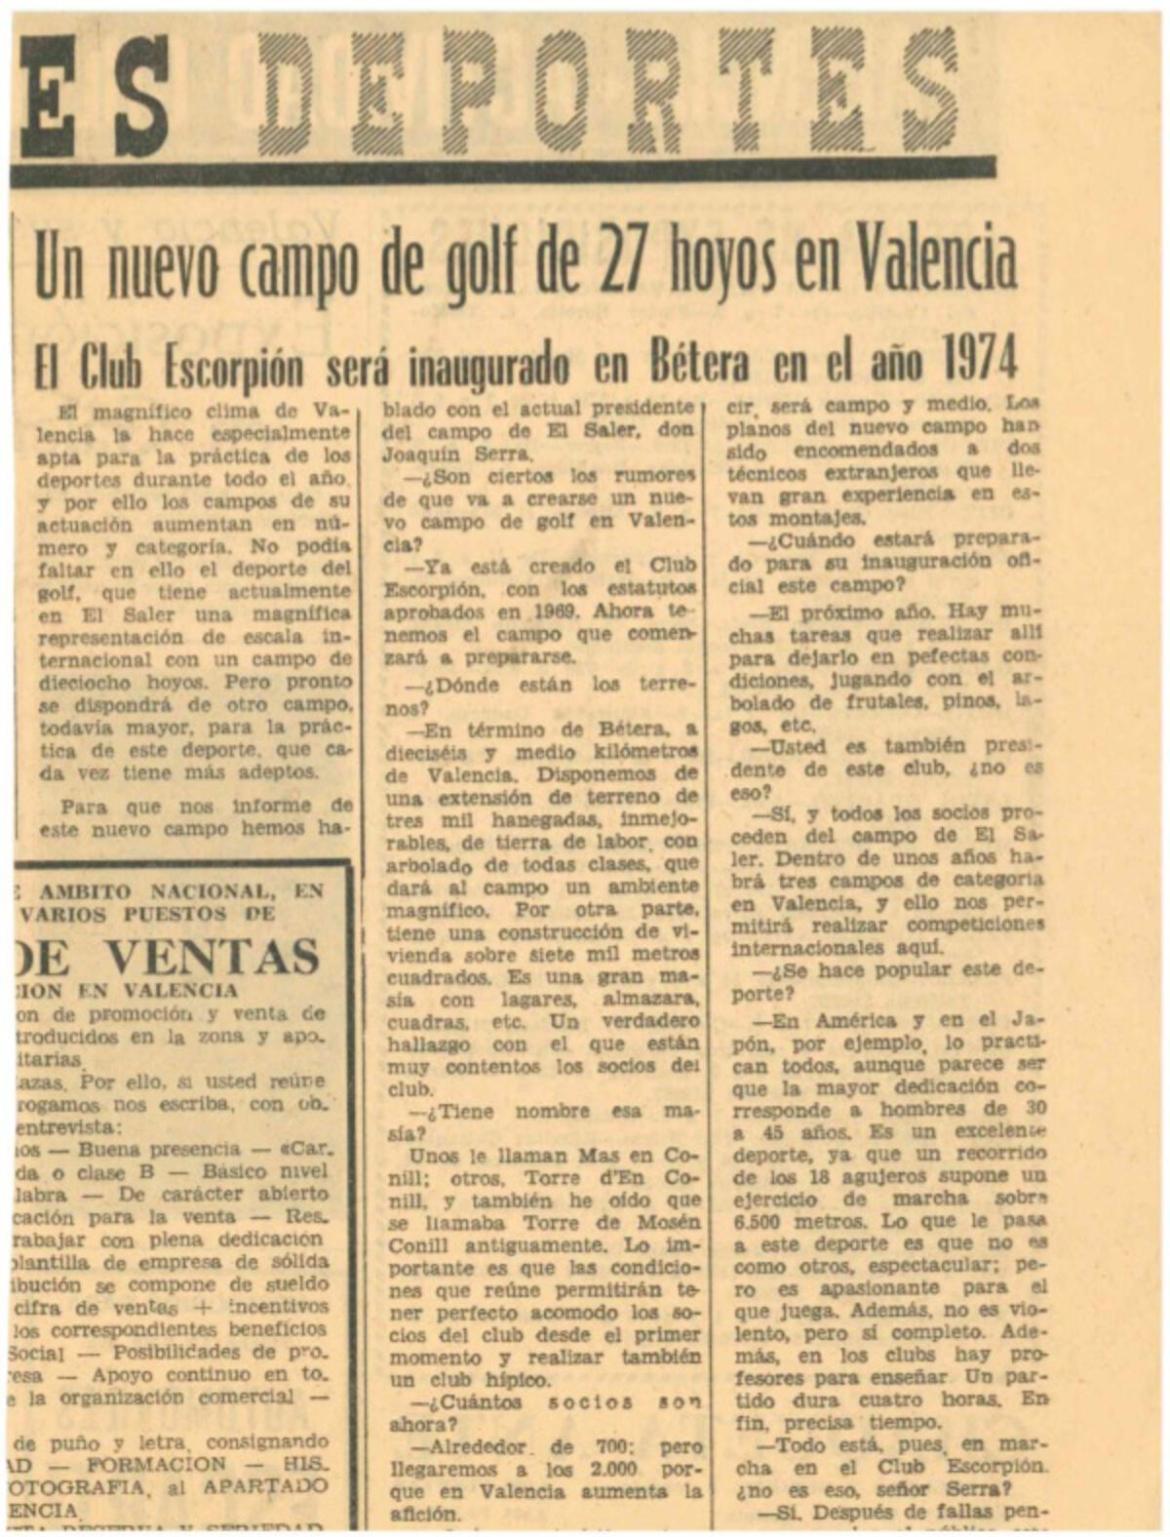 historia_articulo-periodico-27-hoyos-en-botera.jpg